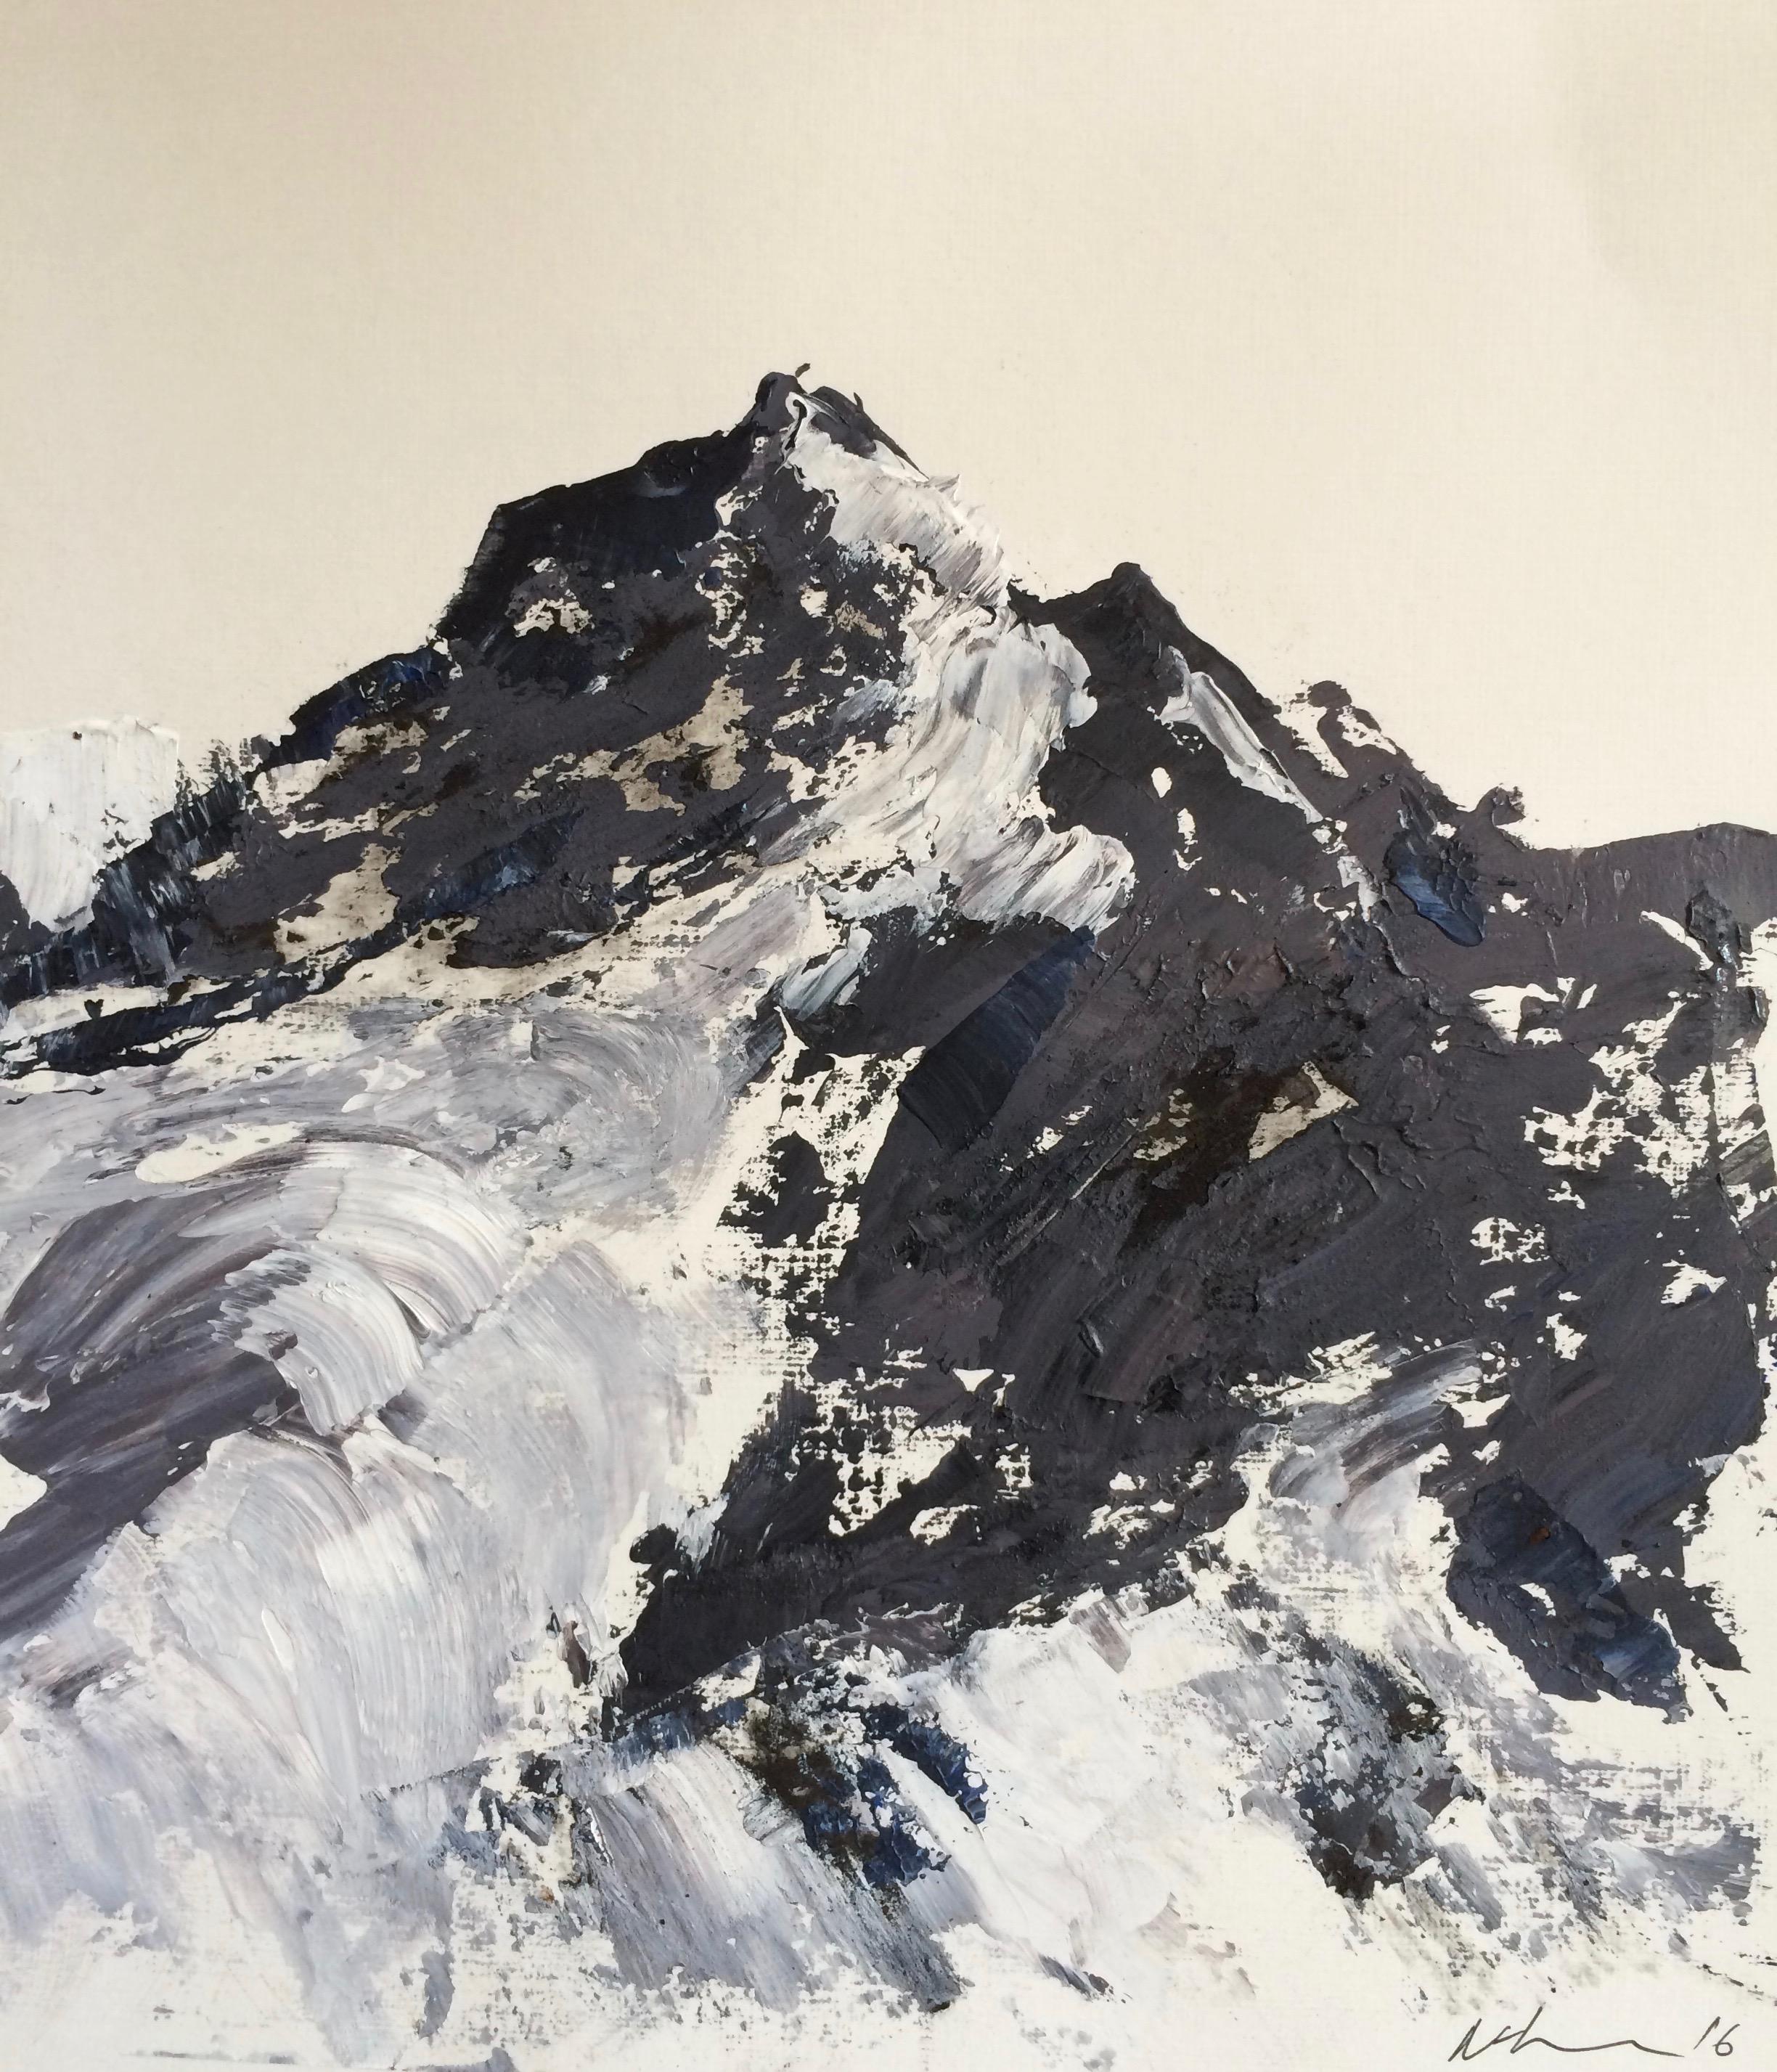 Morterasch Glacier